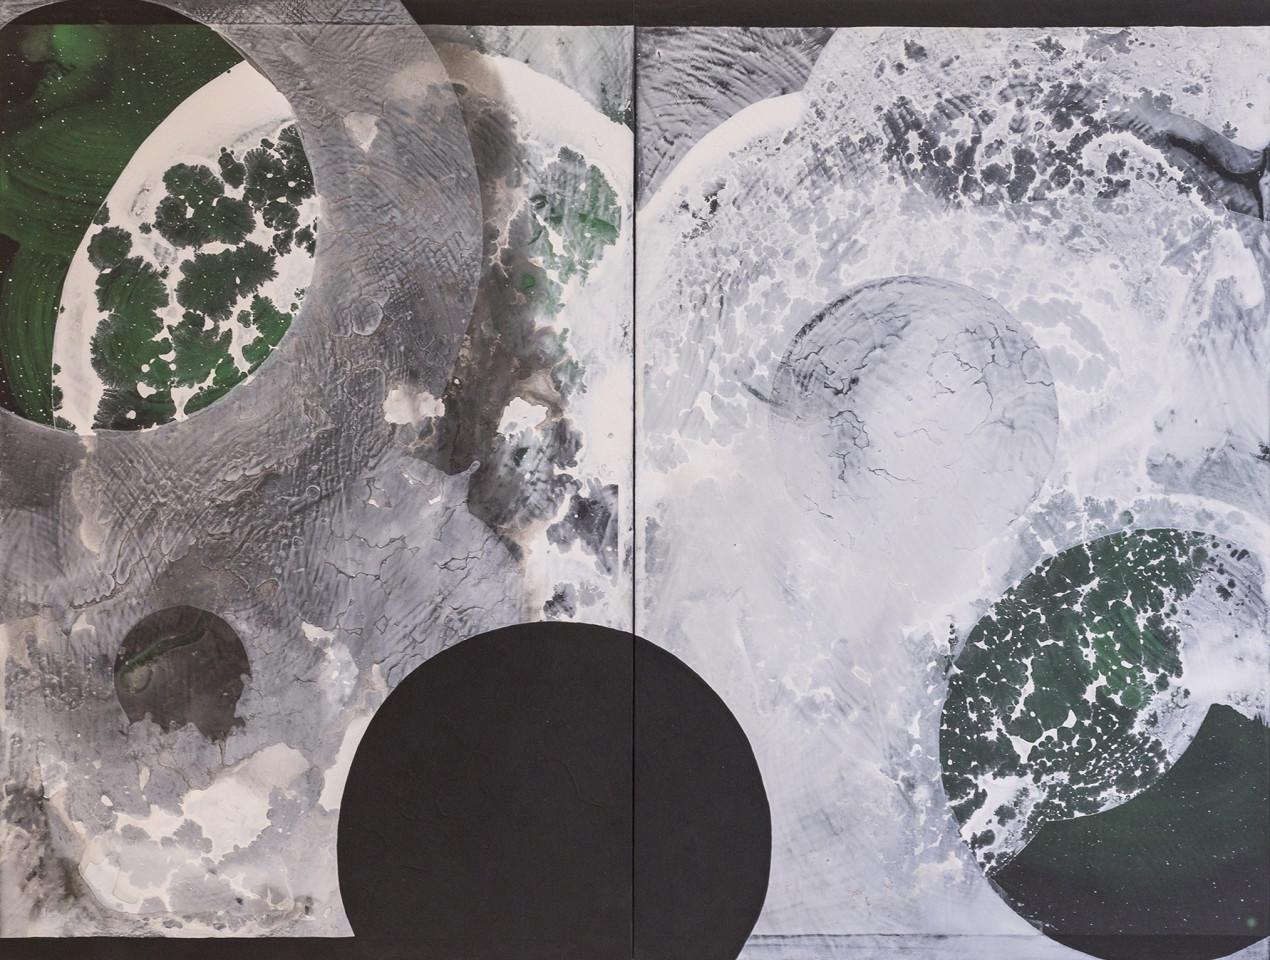 Asher Newbery, Kiritai (Green), 2019